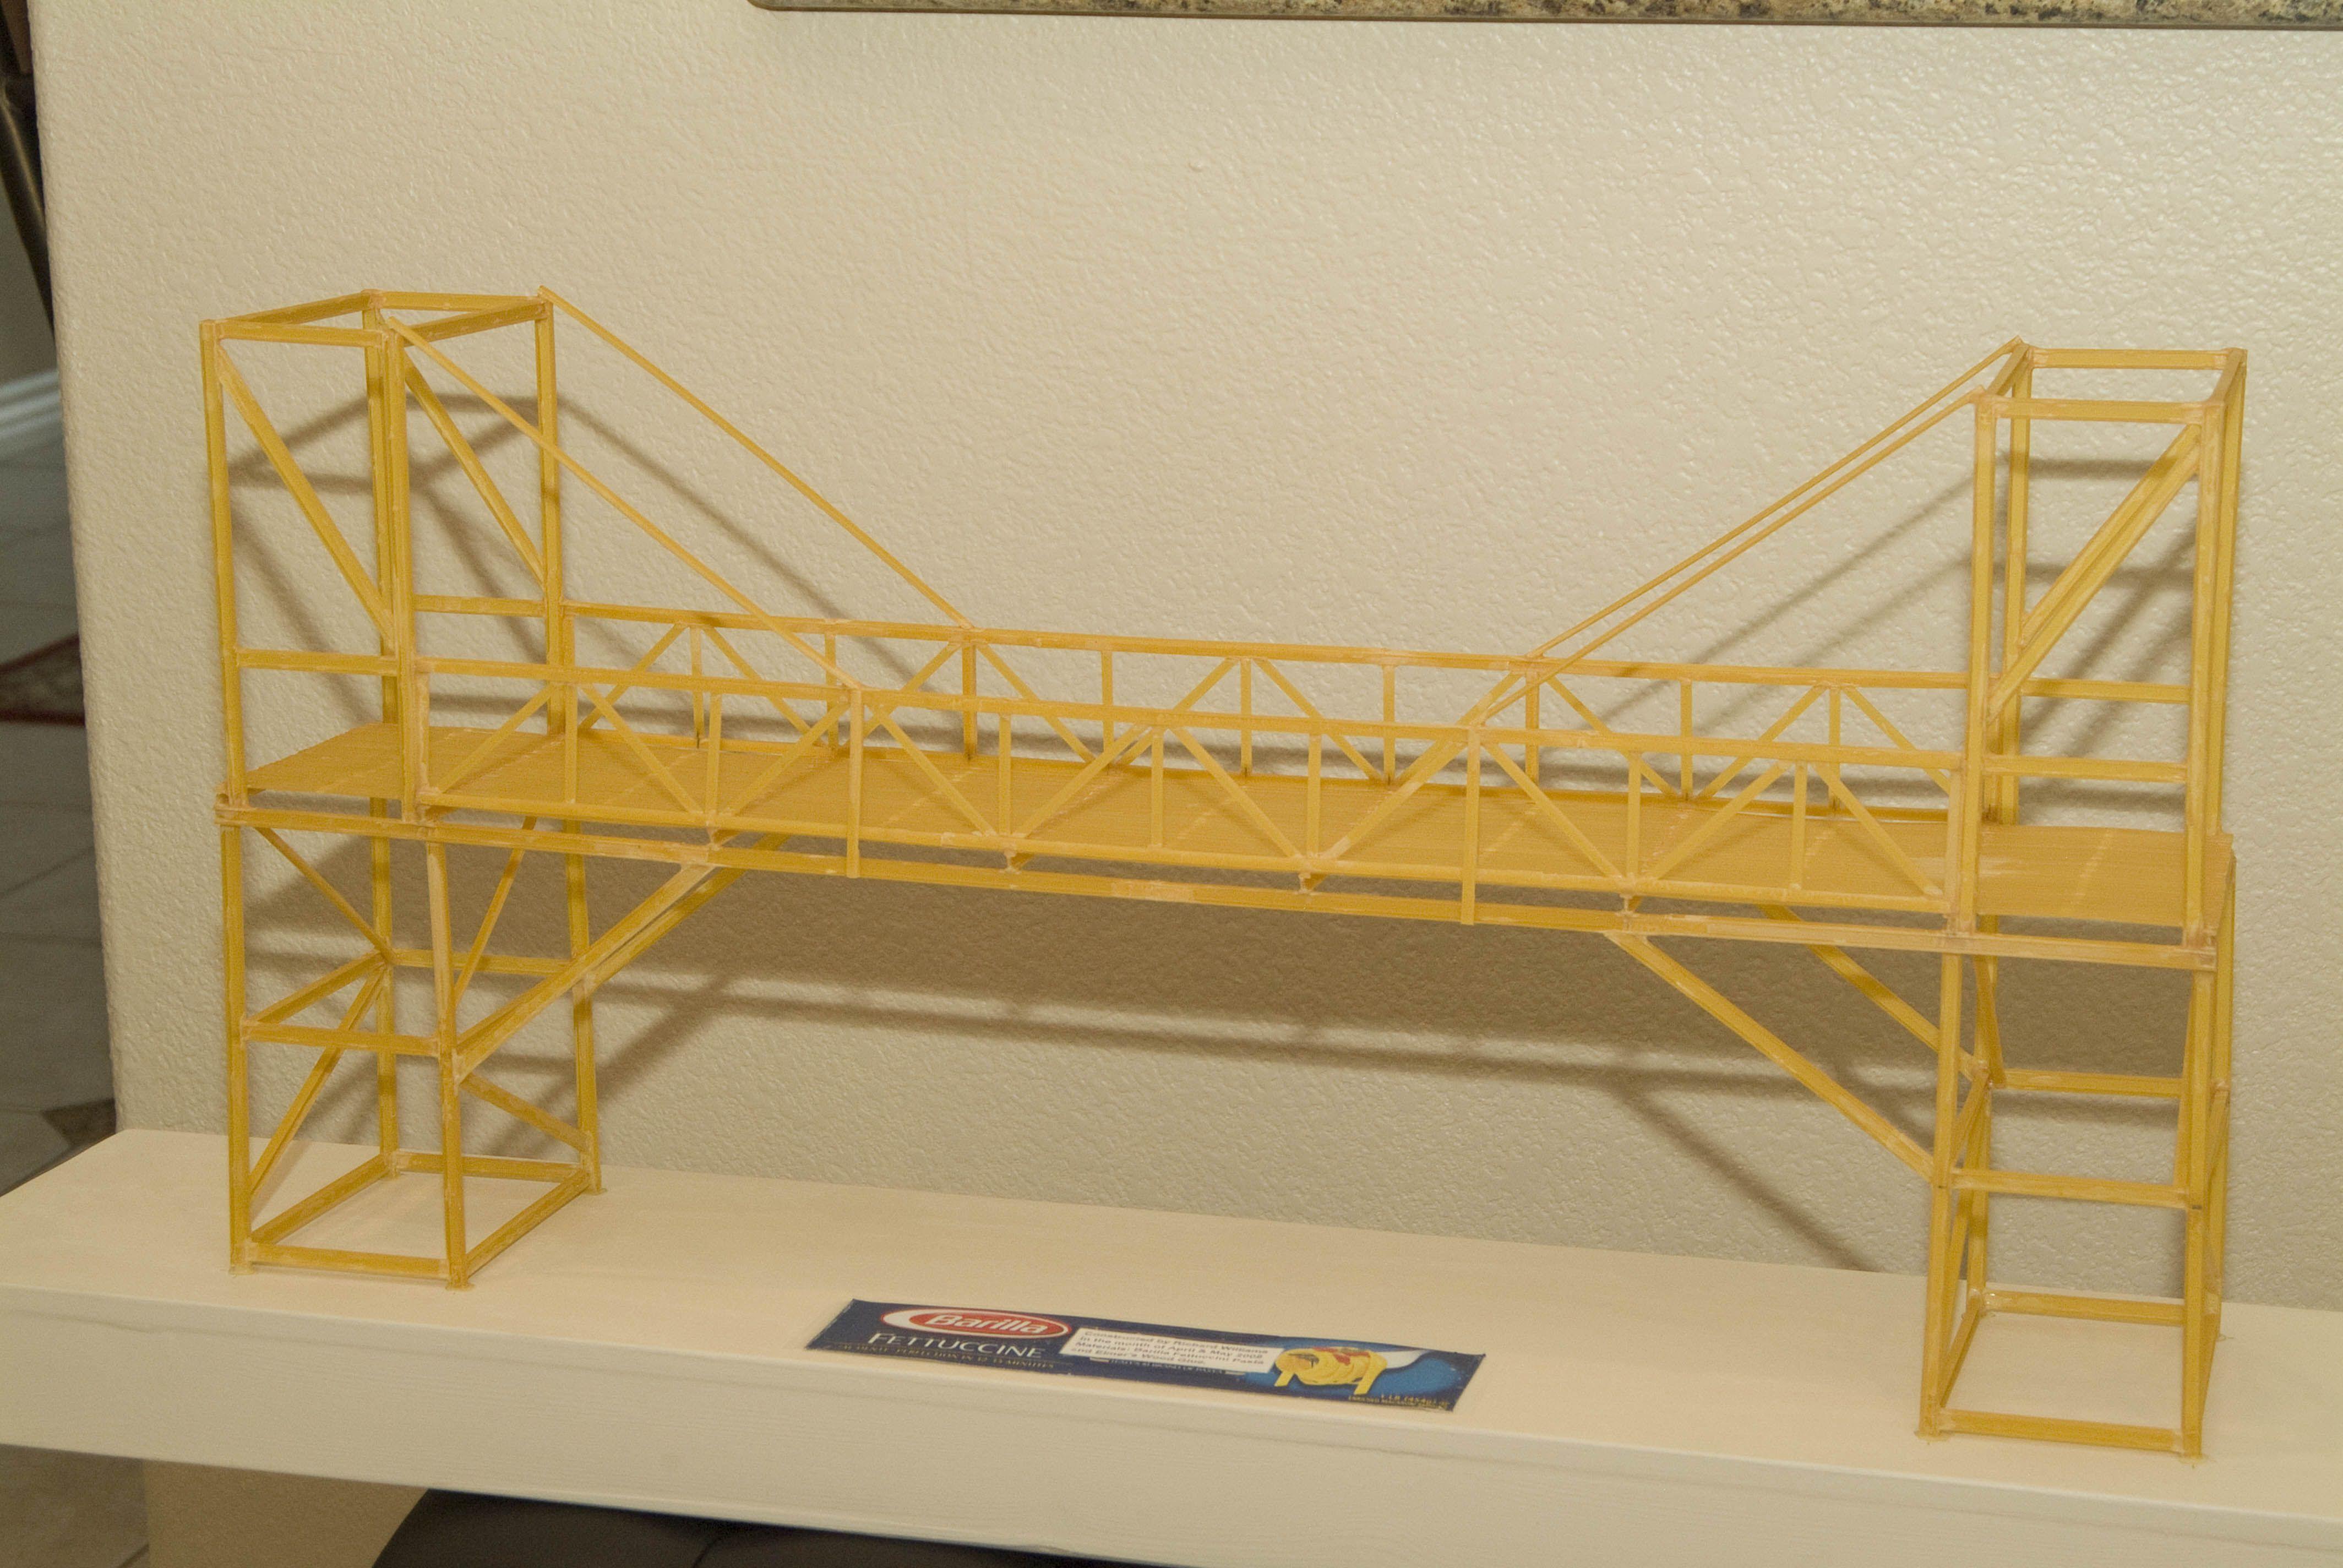 Spaghetti Bridge Designs